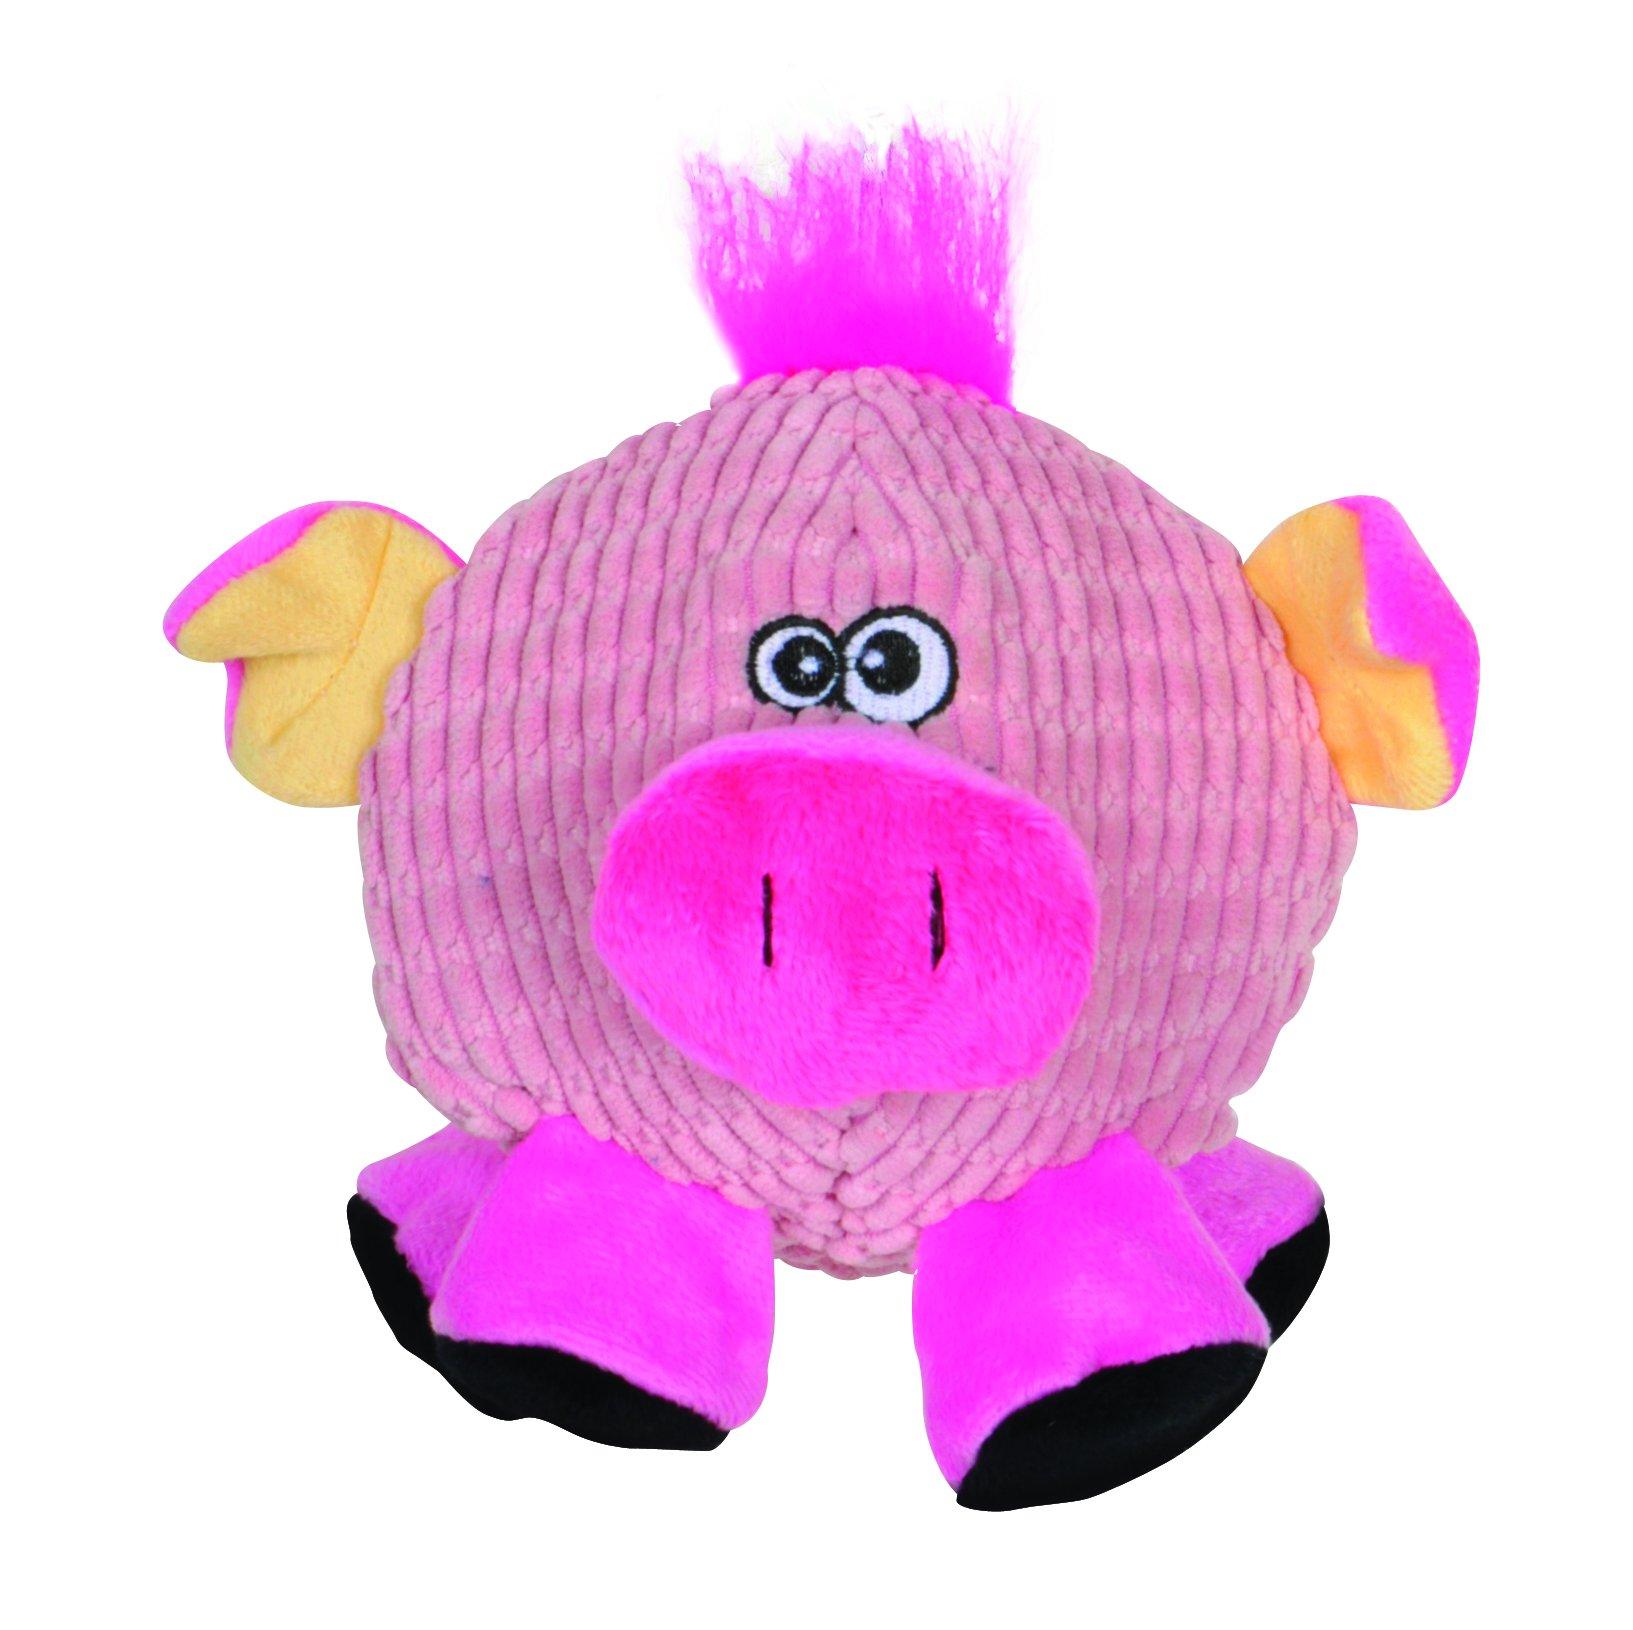 Smart Pet Love - Tender-Tuffs - Ball - Round Pink Pig